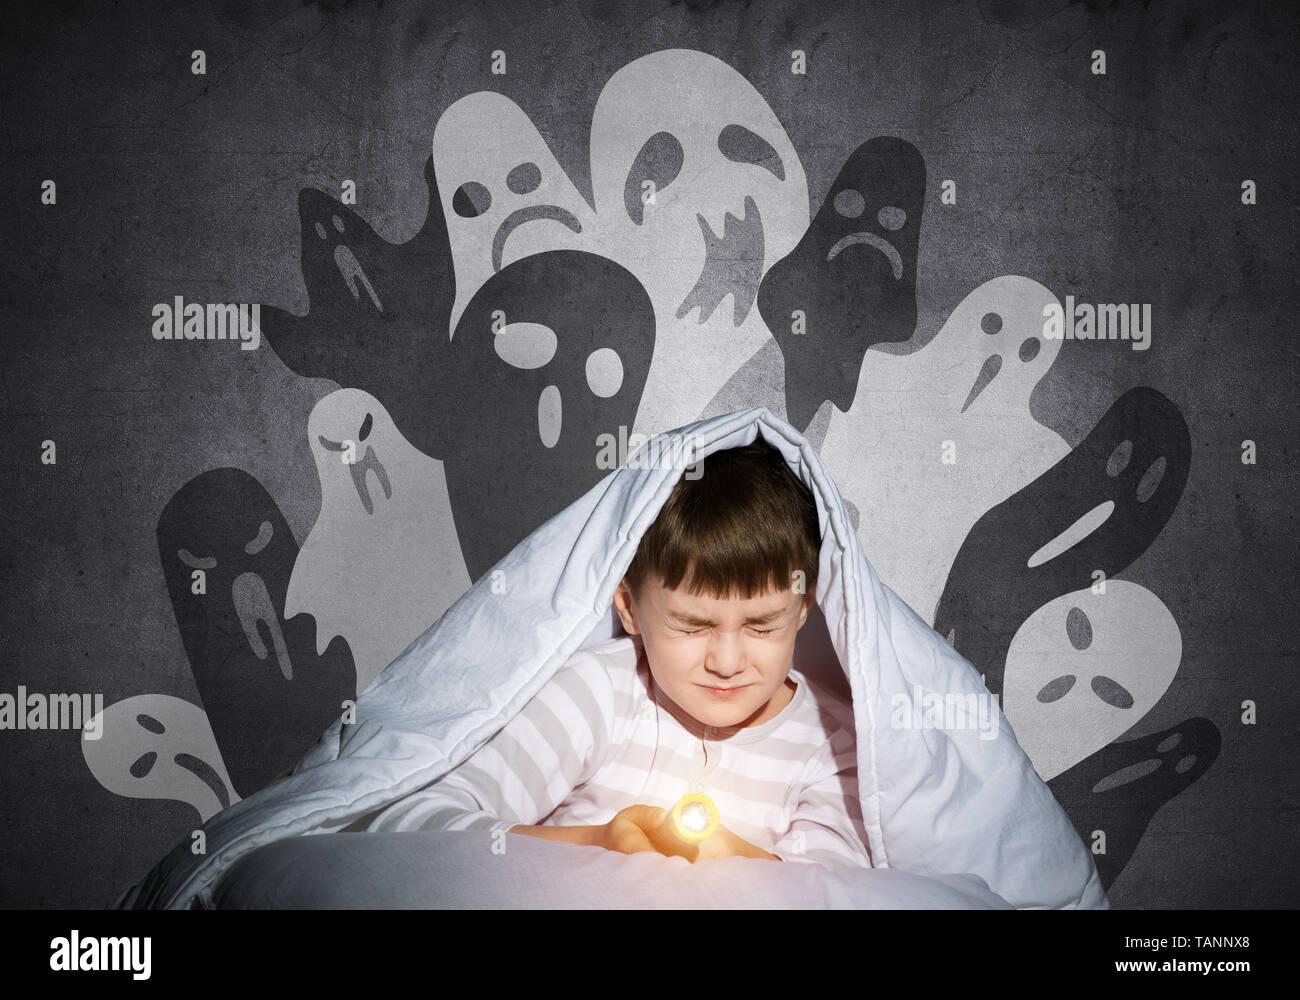 Verängstigten Kind mit der Taschenlampe unter der Bettdecke Stockbild